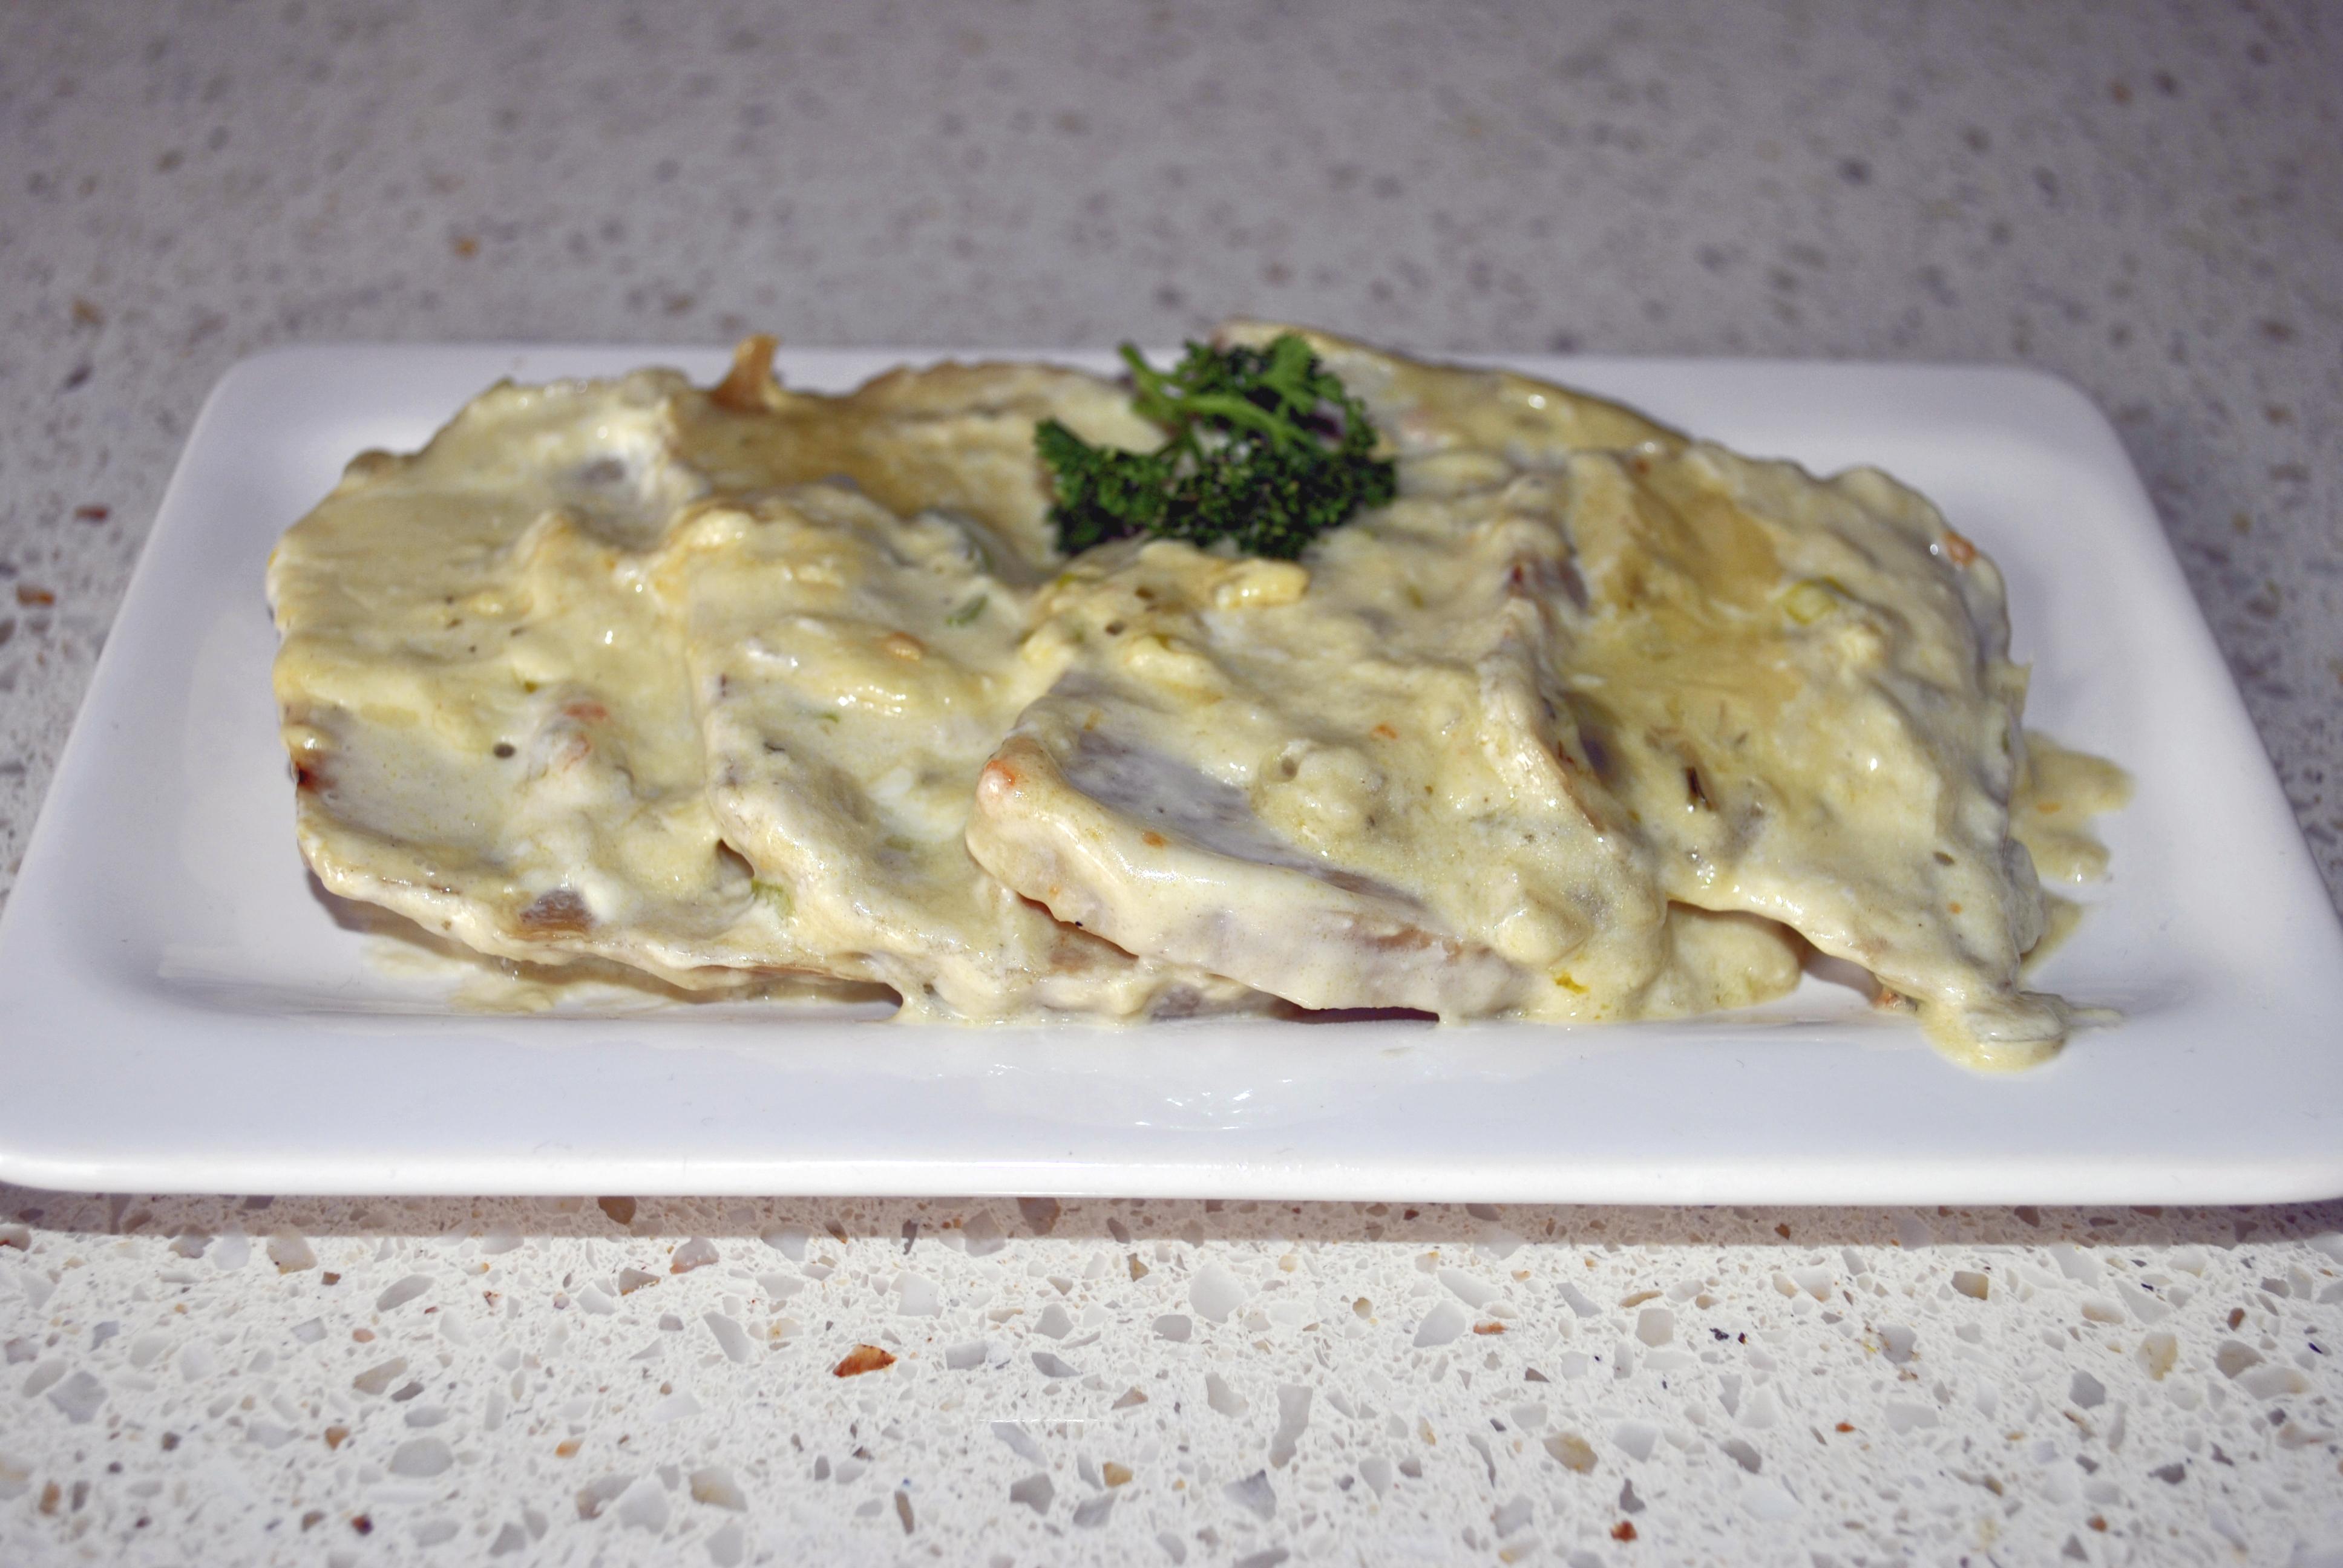 Arrosto di seitan alla panna con patate al forno